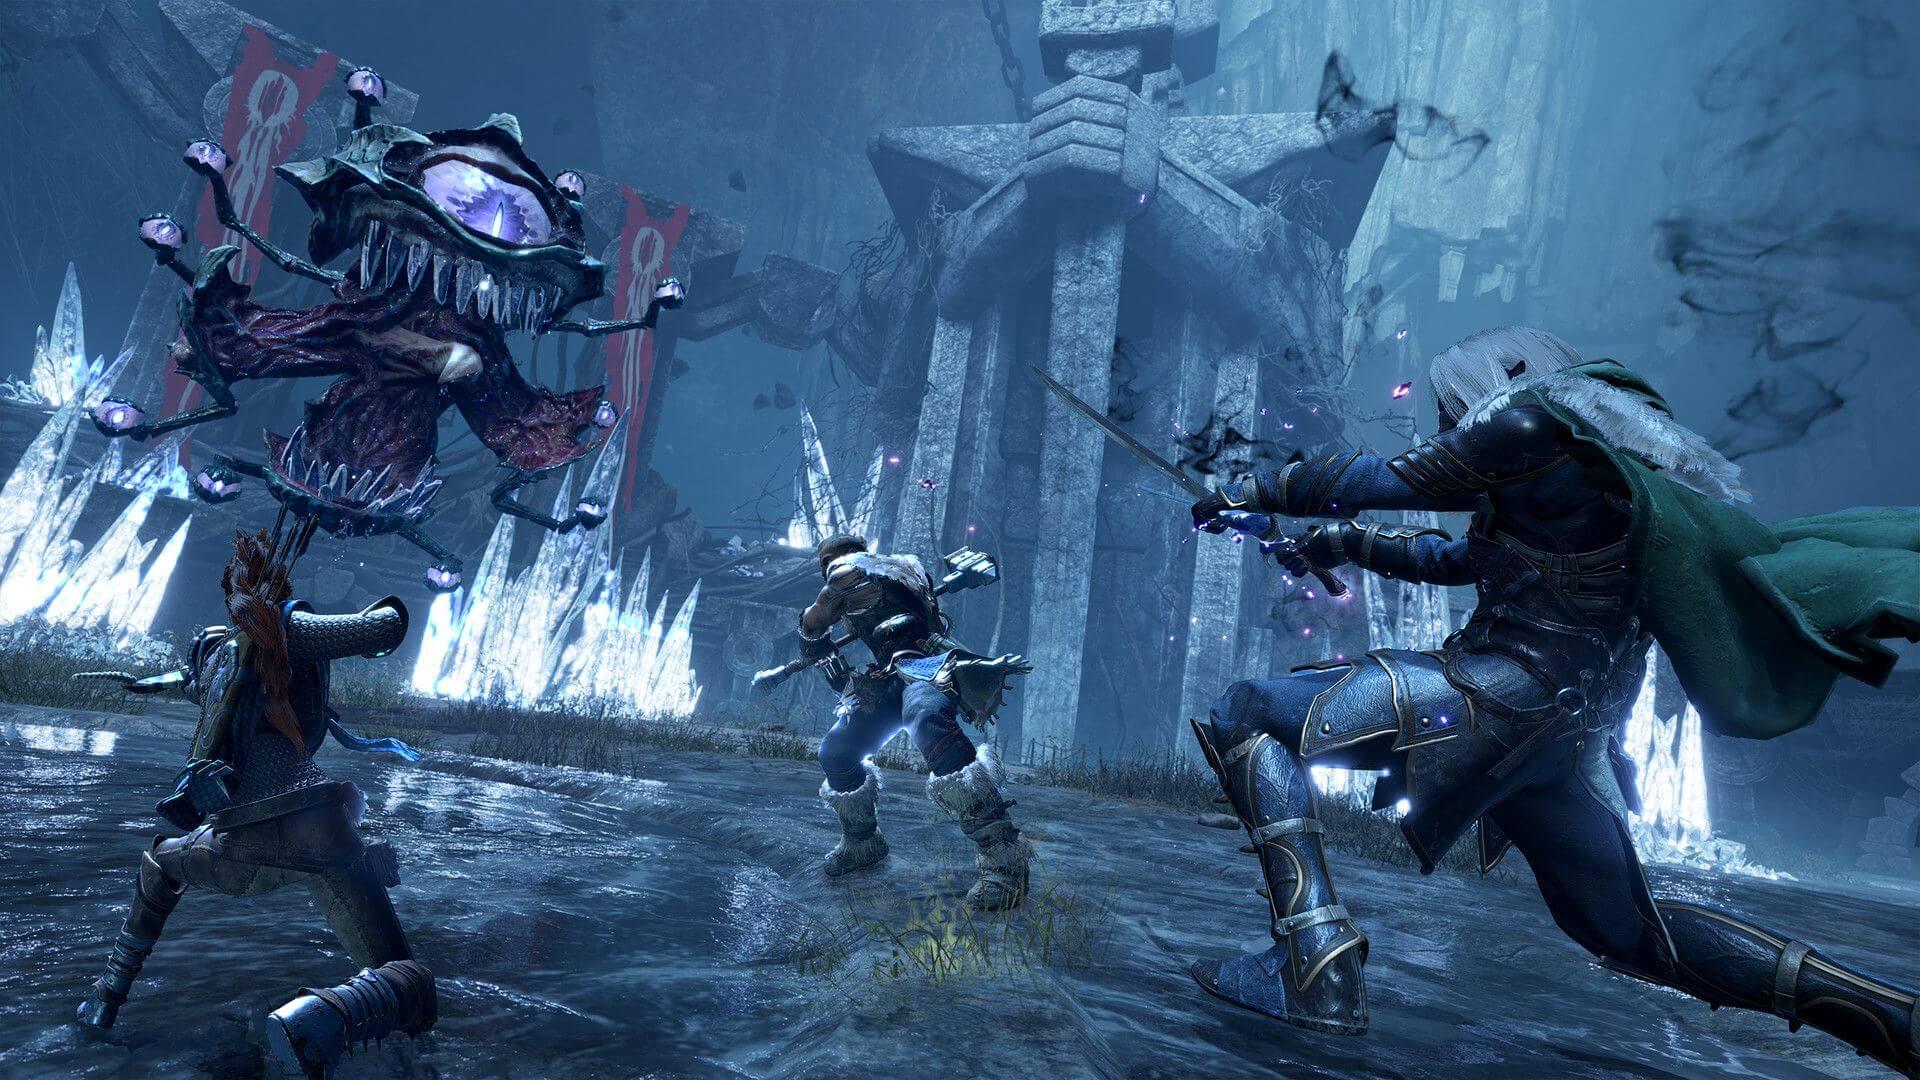 Il party di Dungeons & Dragons: Dark Alliance contro un nemico: Drizzt, Wulfgar, Cattie-brie e Bruenor.